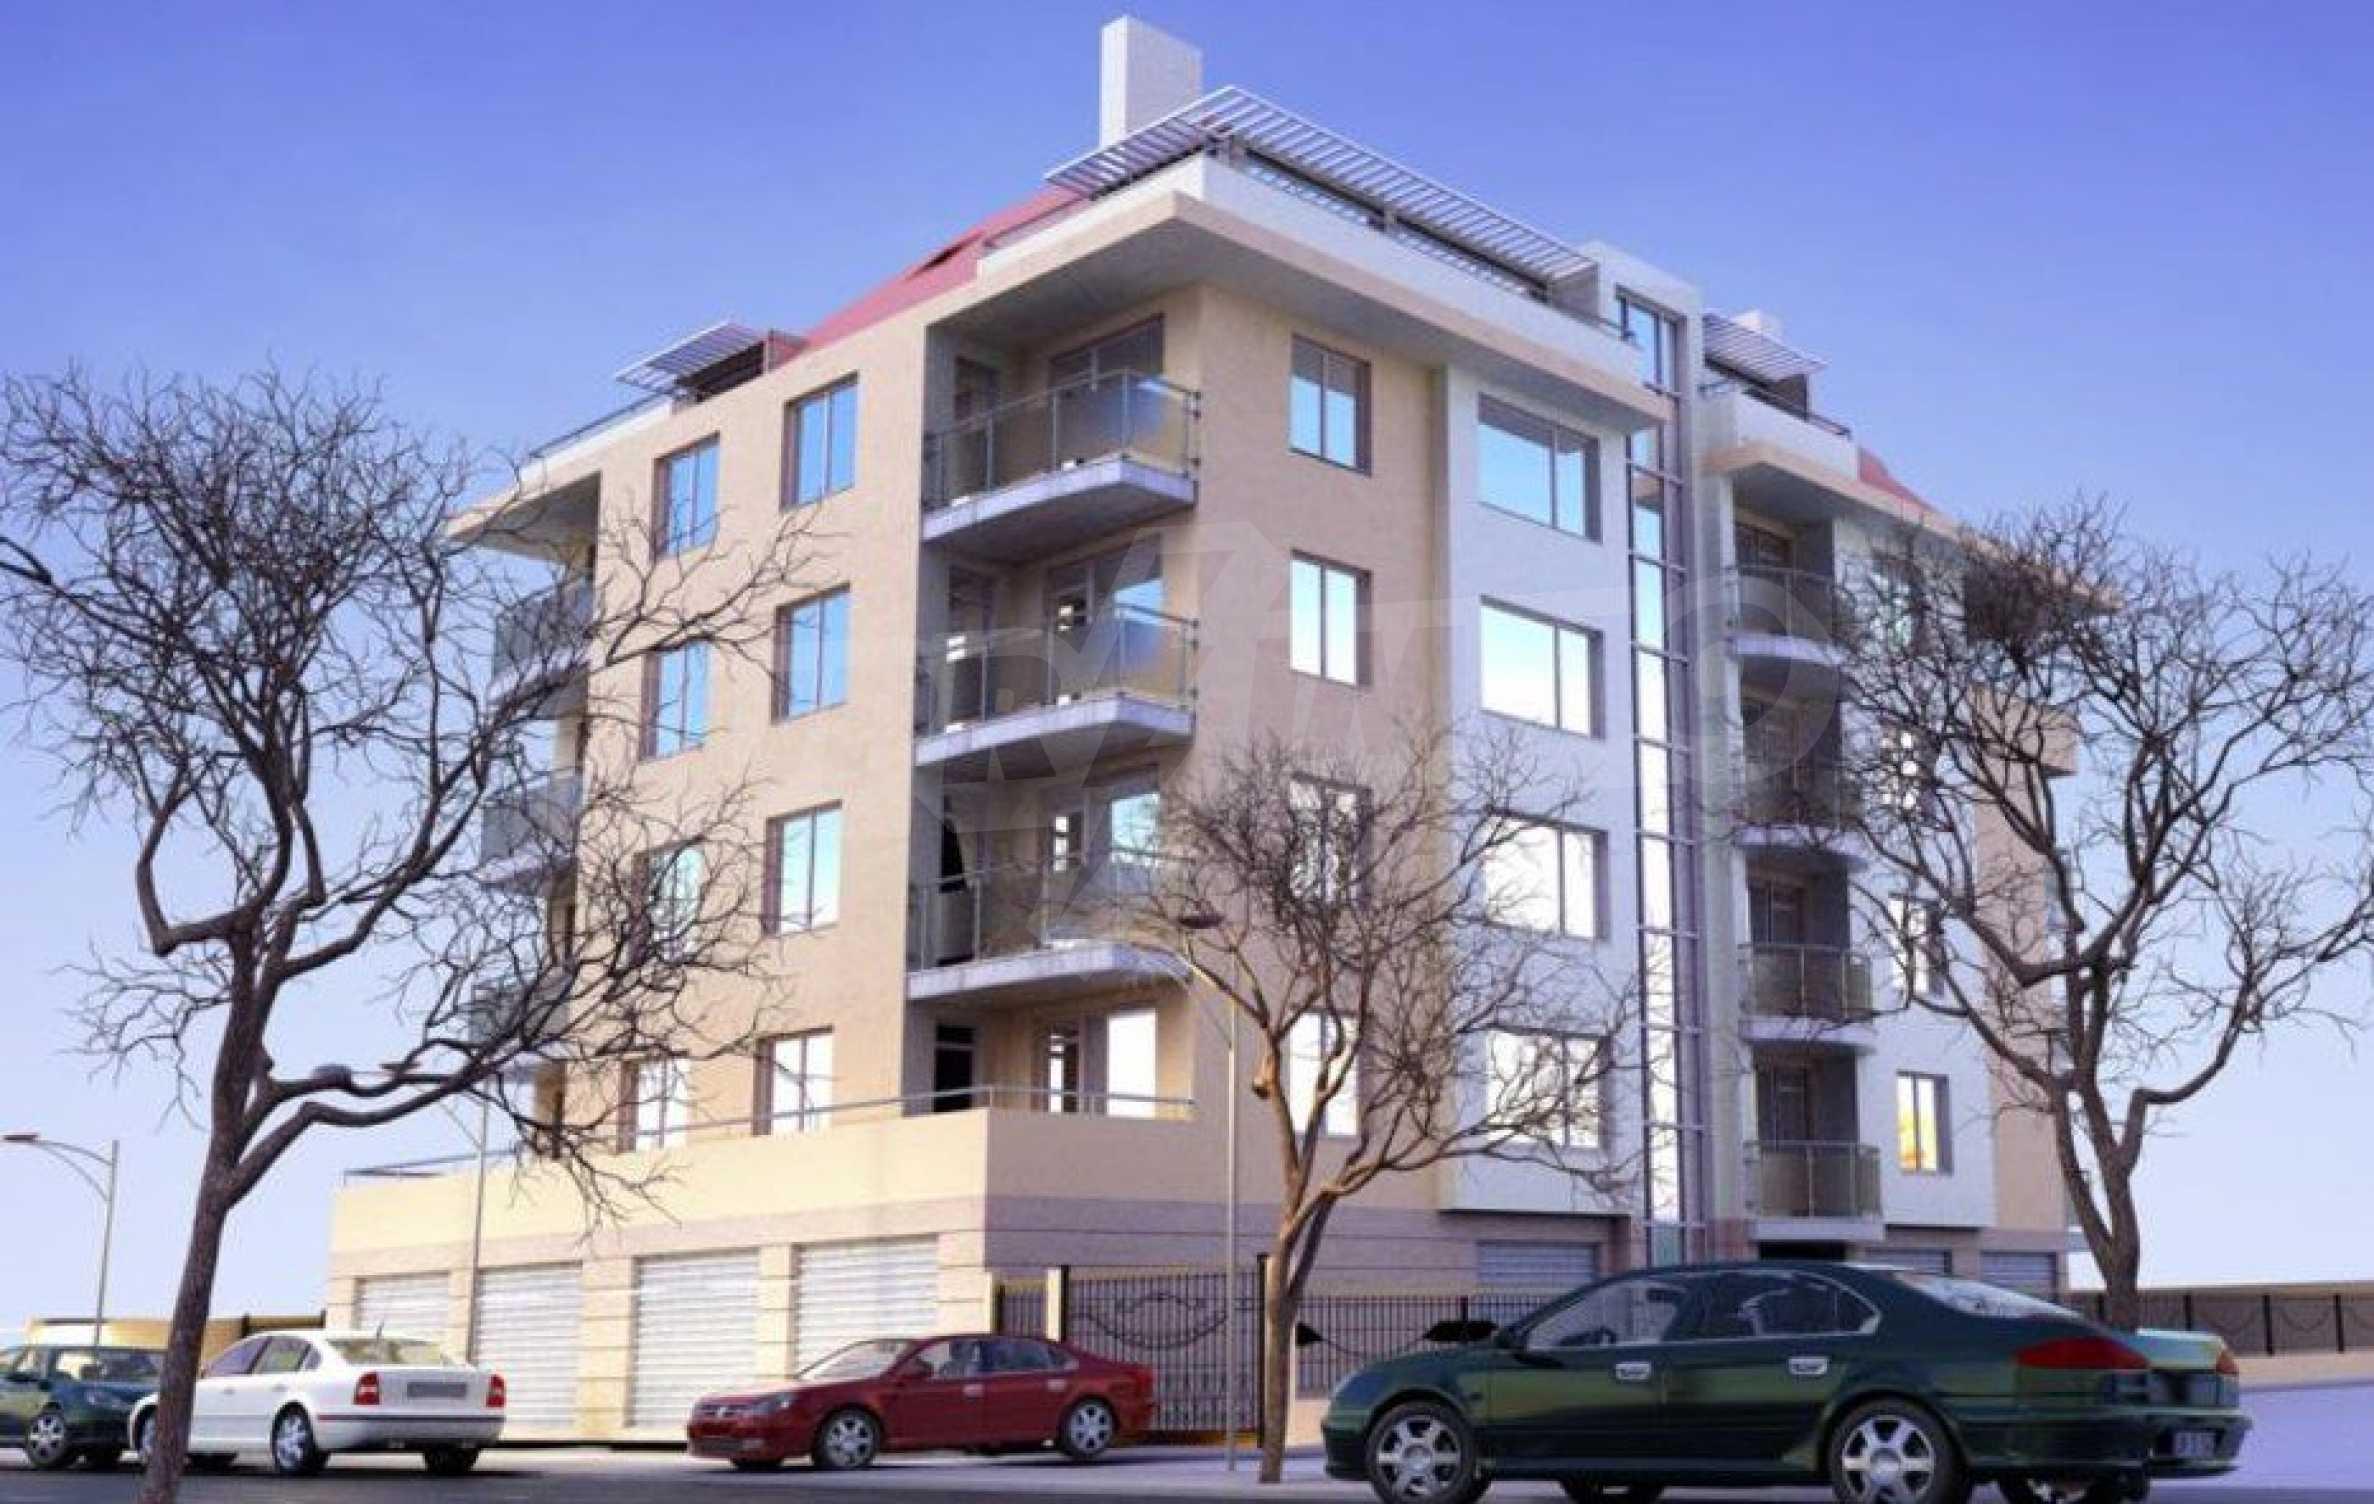 Новострояща се сграда с гаражи в добре развит квартал на София